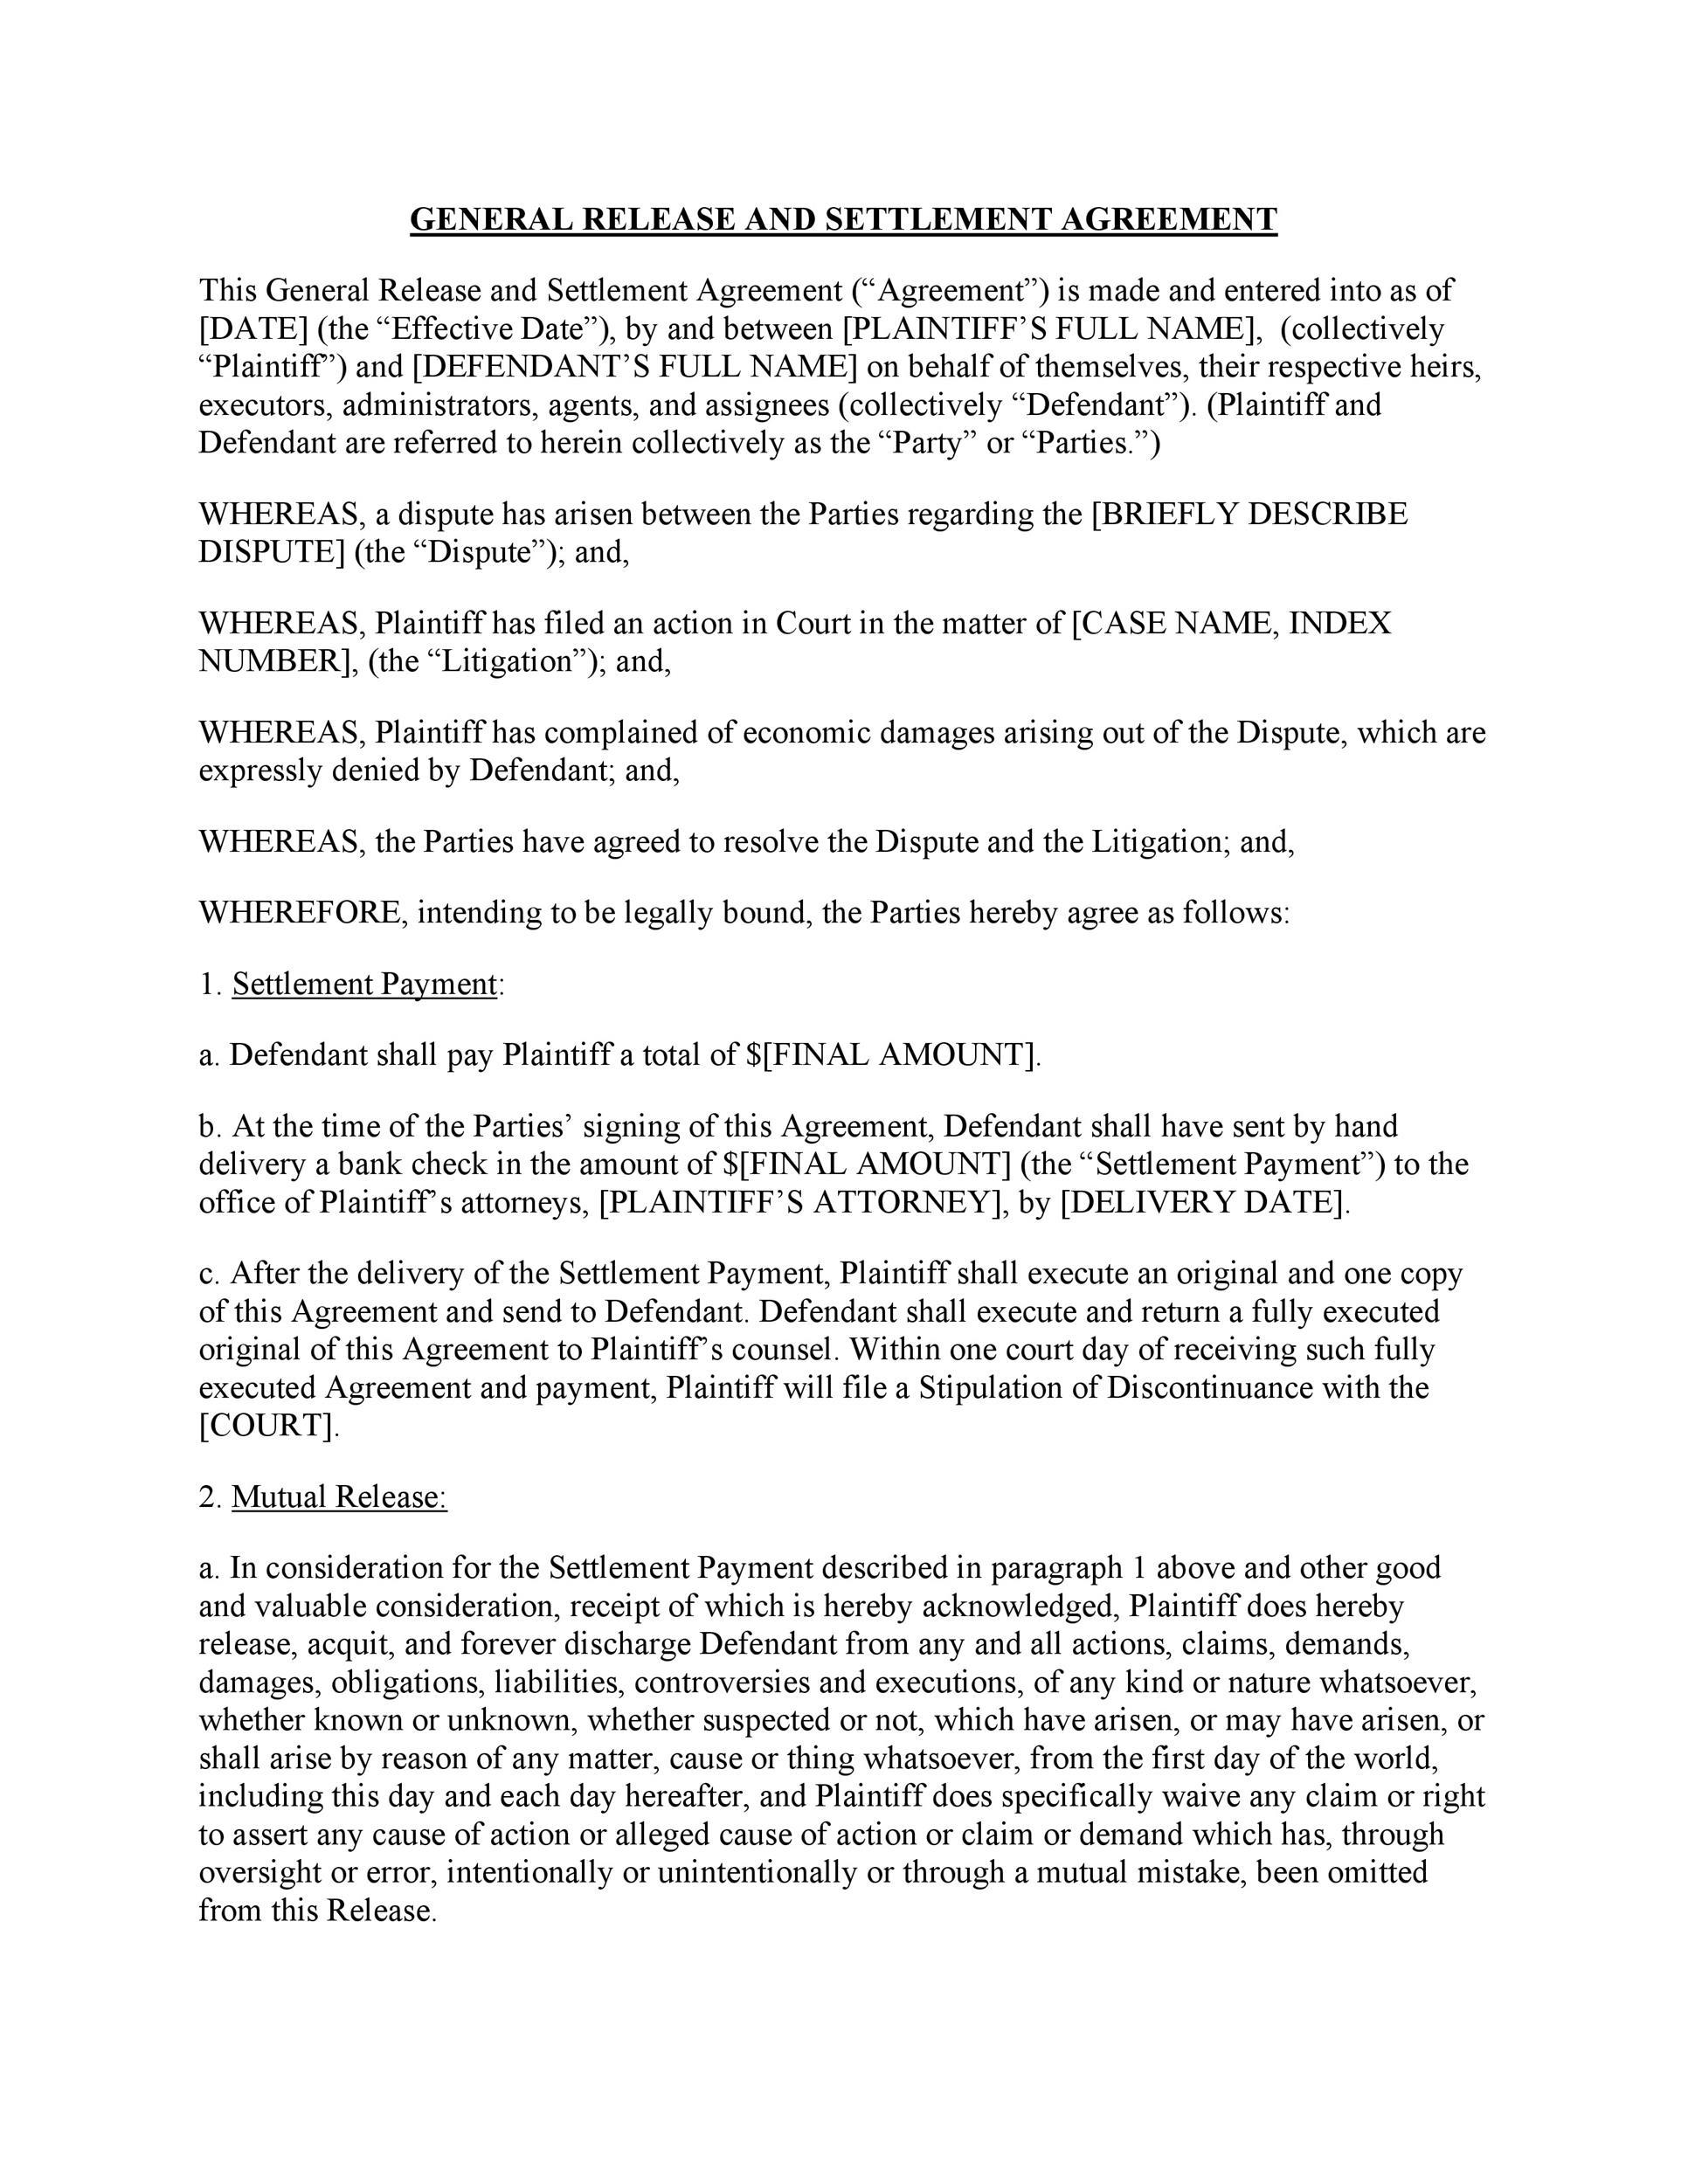 Free settlement agreement 04